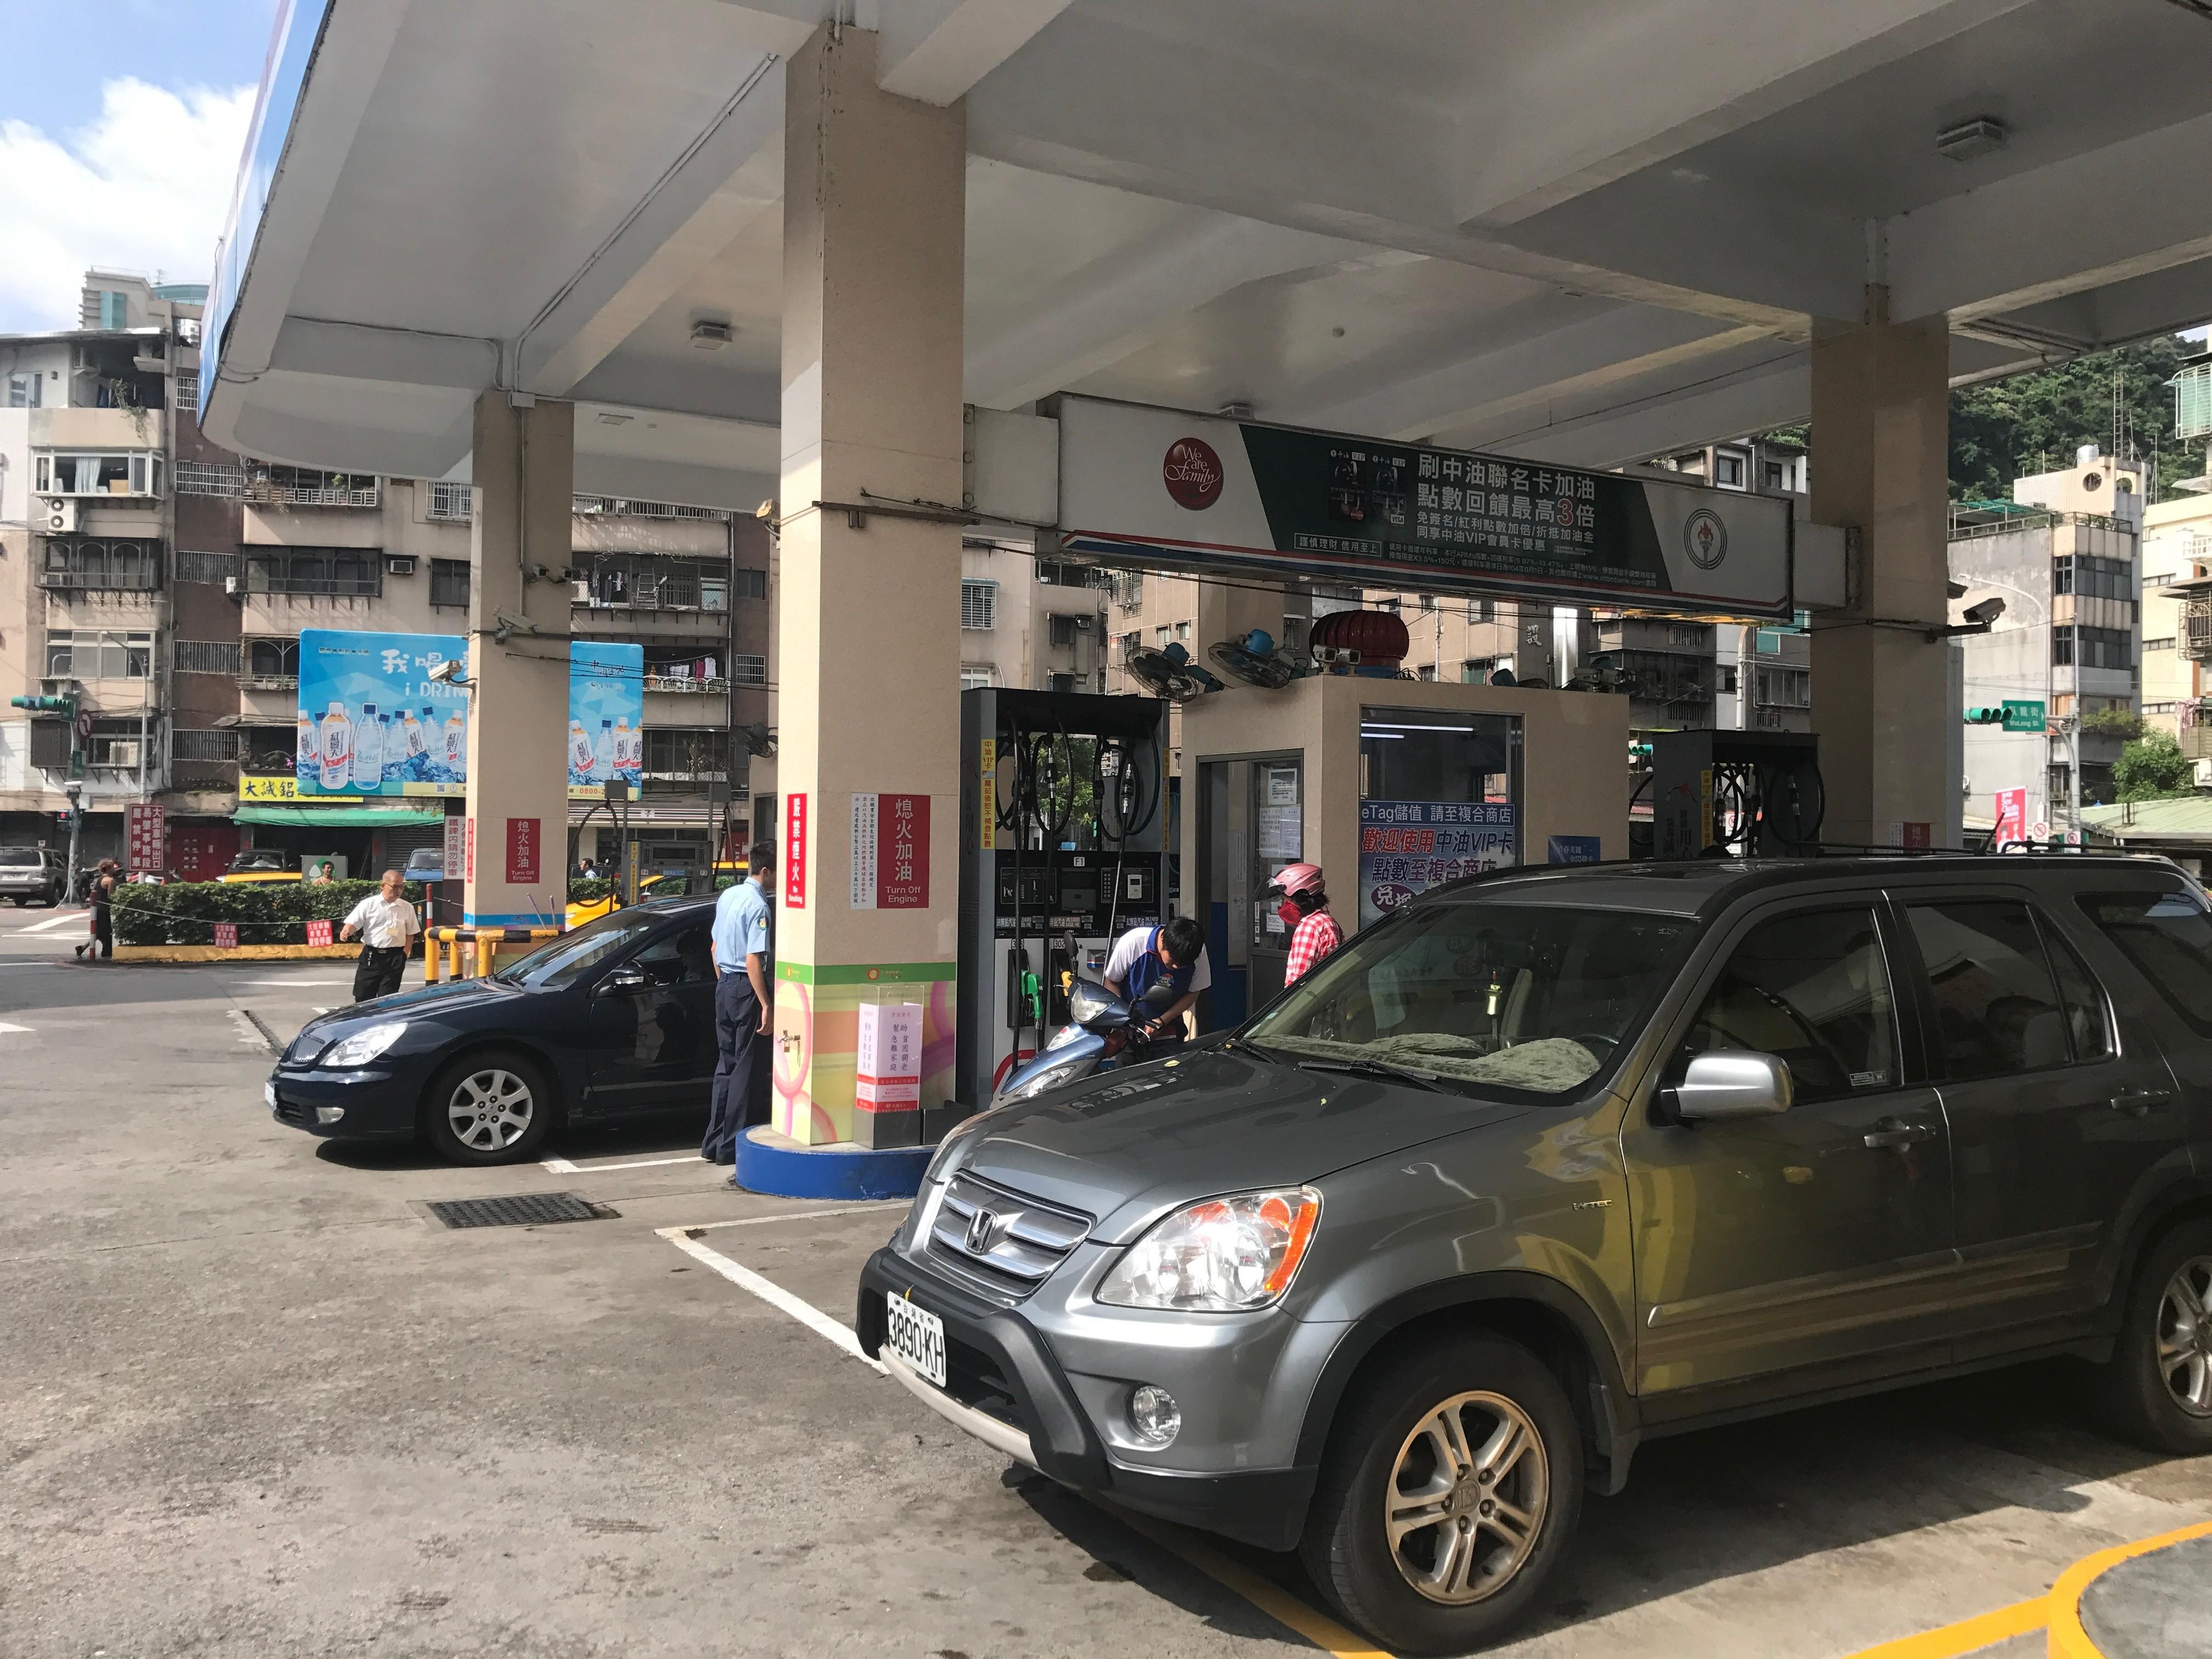 ▲自助加油完佔車道清玻璃,後車駕駛理論爆衝突雙方掛彩。加油站,自助加油,加油站示意圖(圖/記者柳名耕攝)